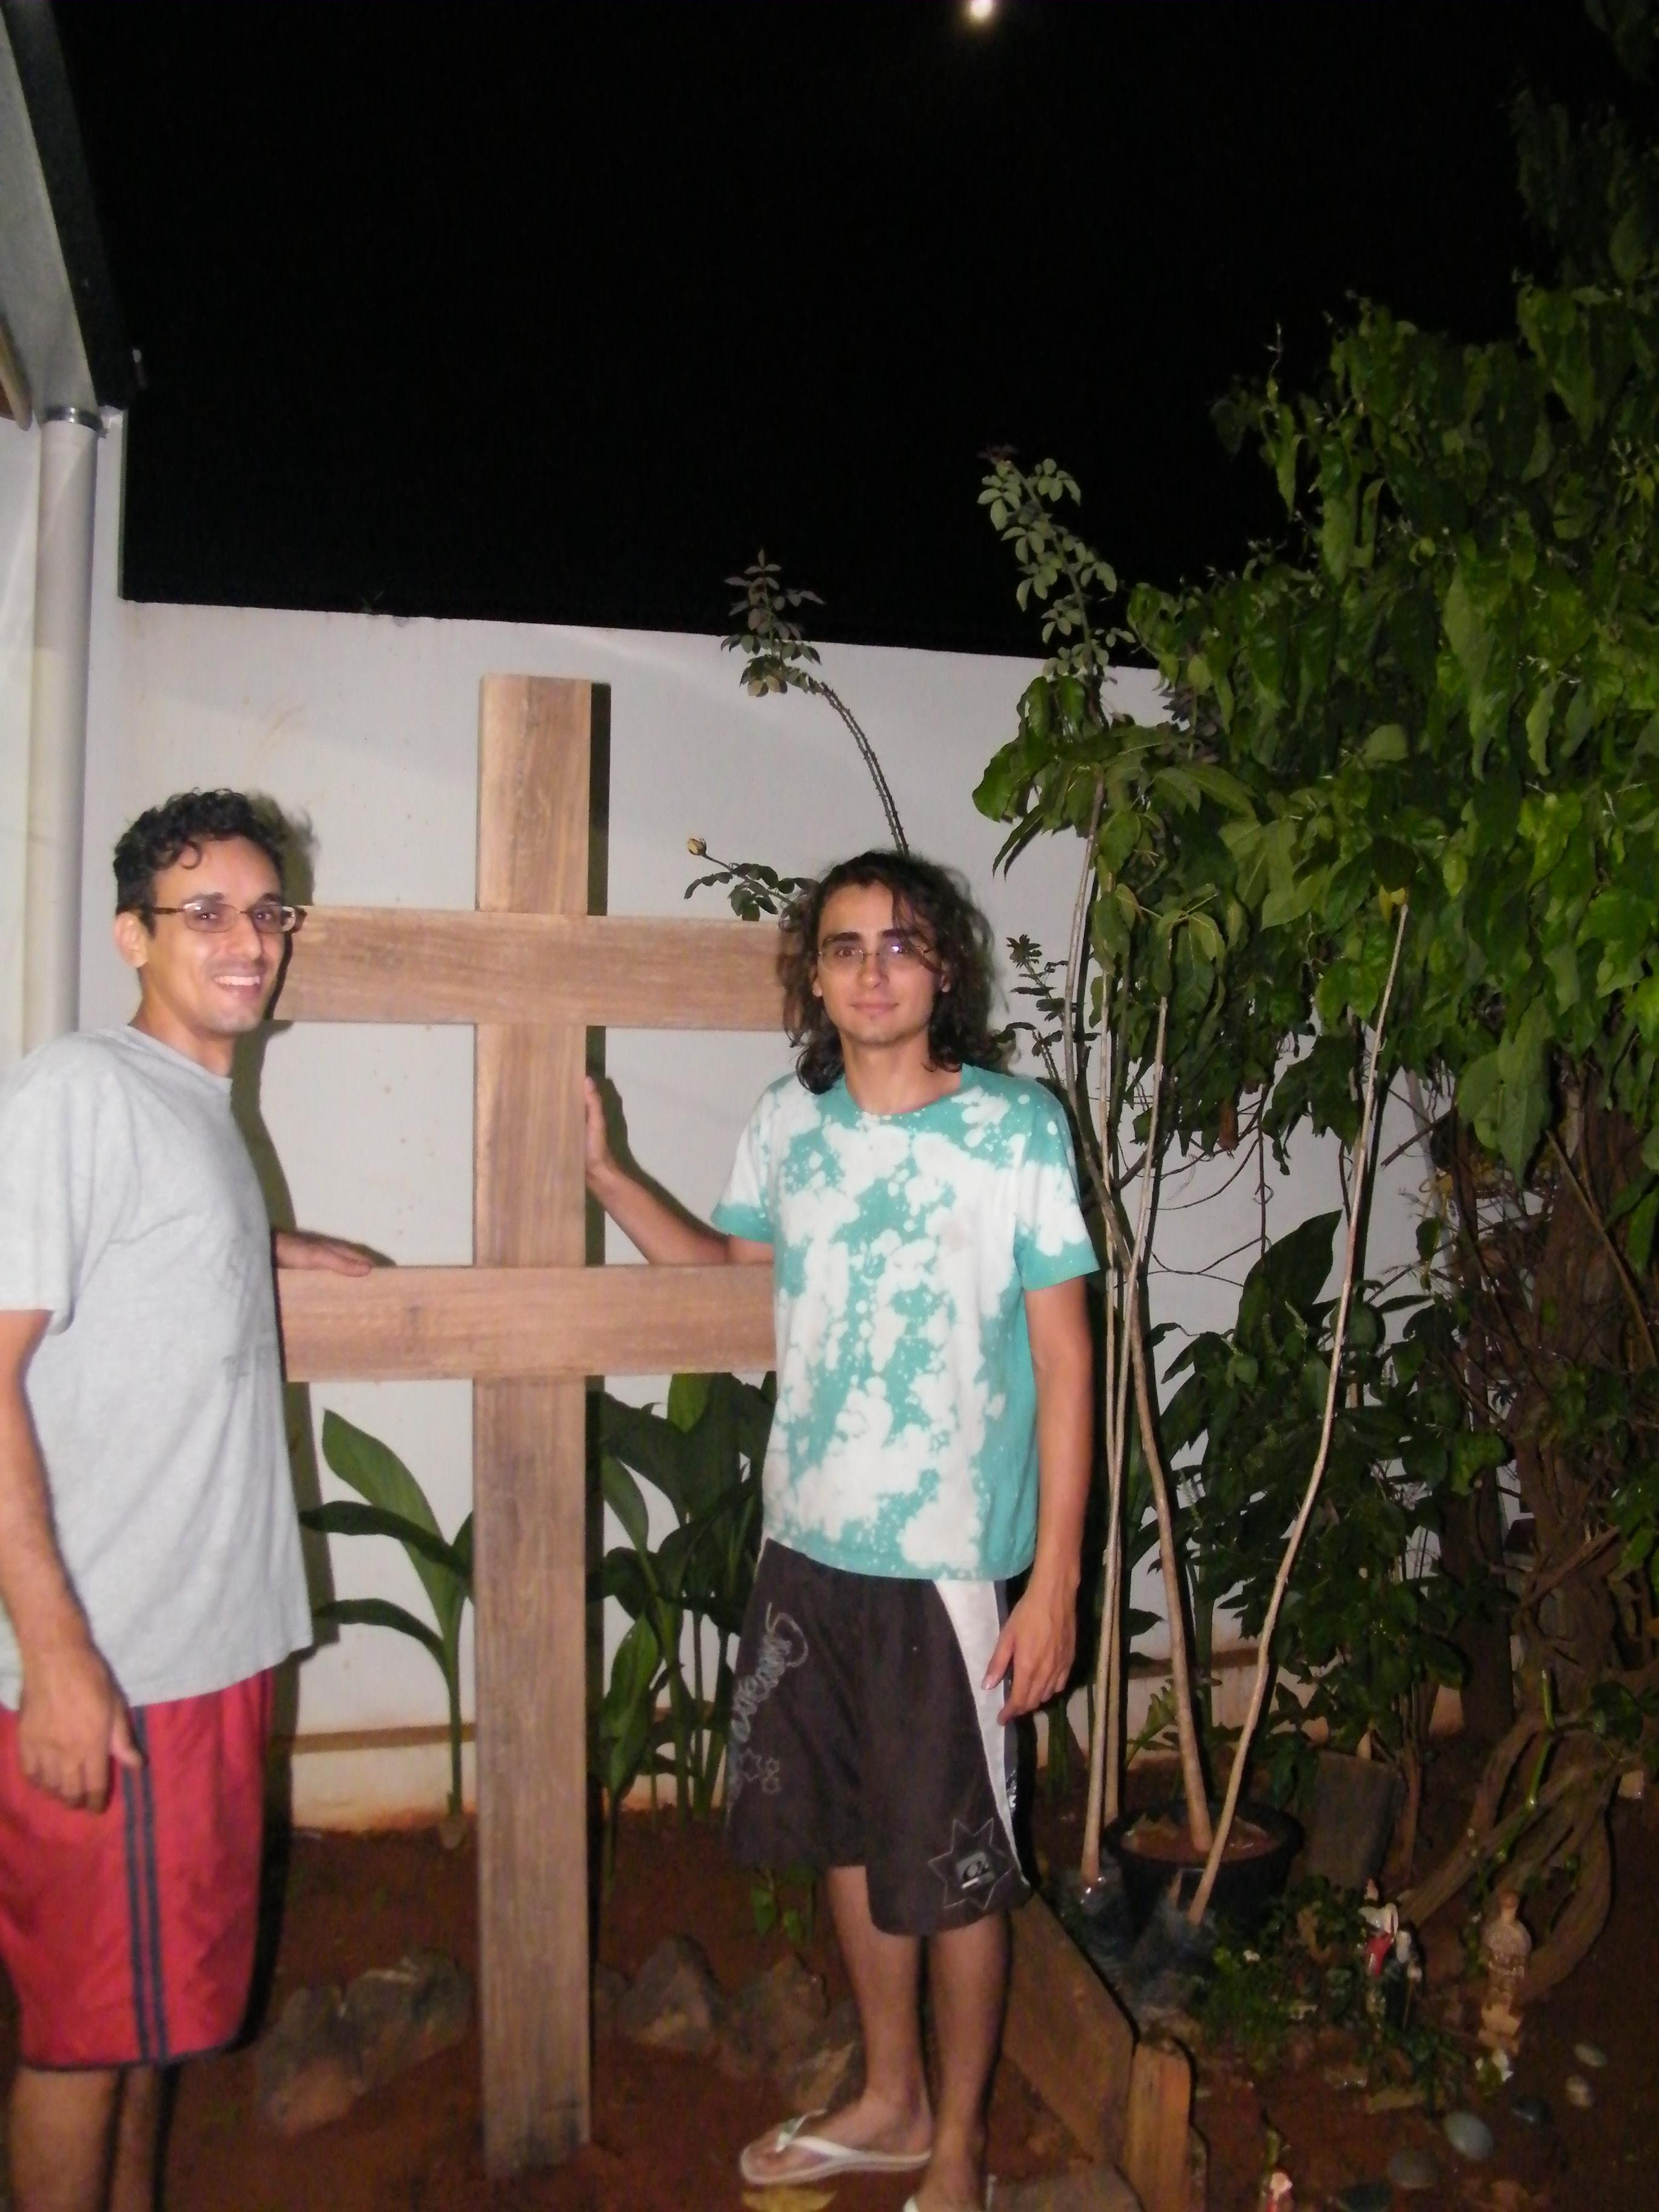 Entronização_do_Santo_Cruzeiro_no_solo_da_igreja.JPG